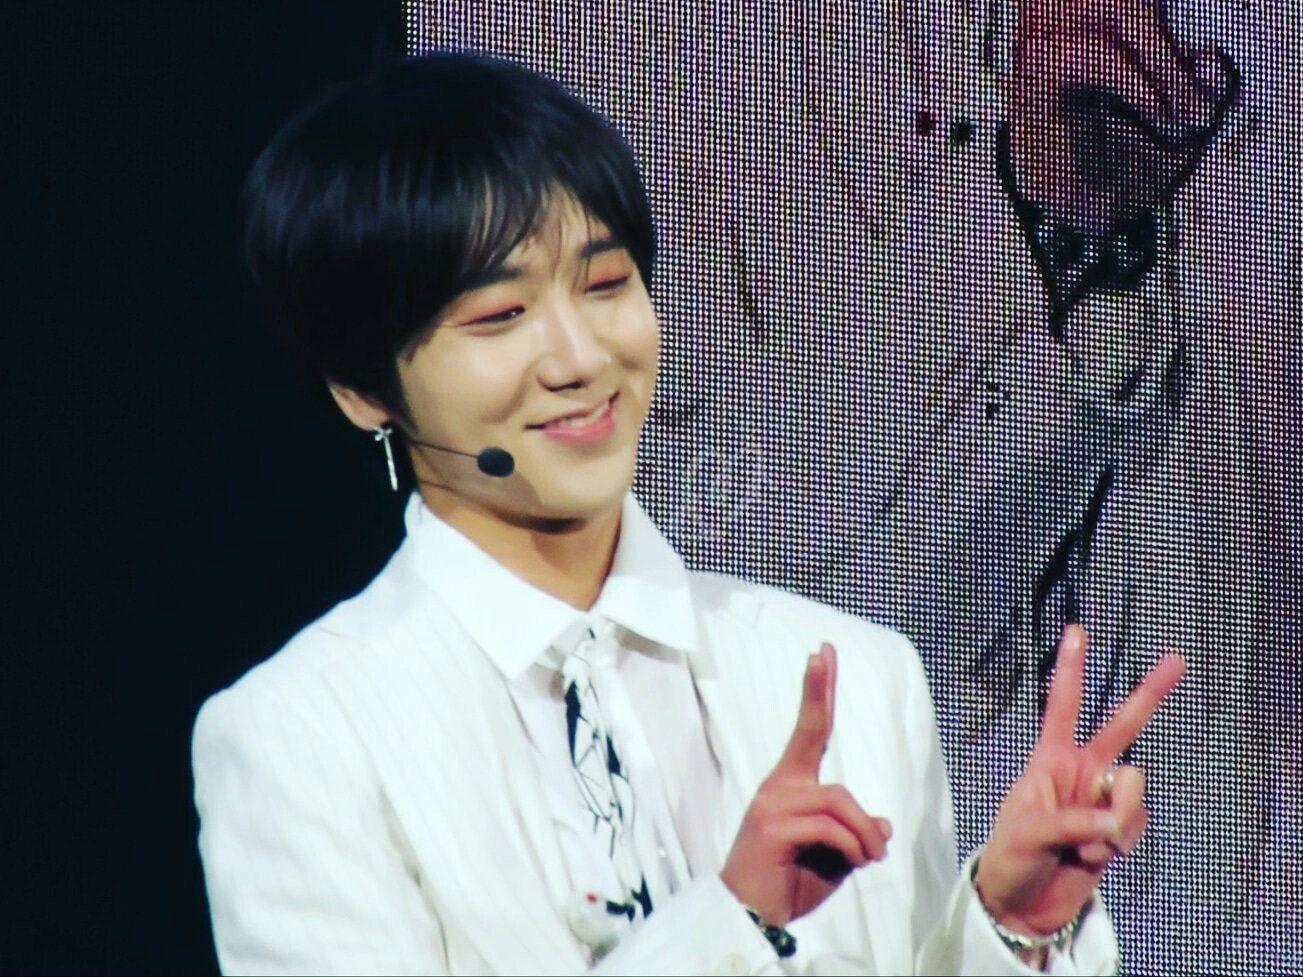 Pin de Nieniea22 en Yesung Yesung, Cantantes, Modelo coreana